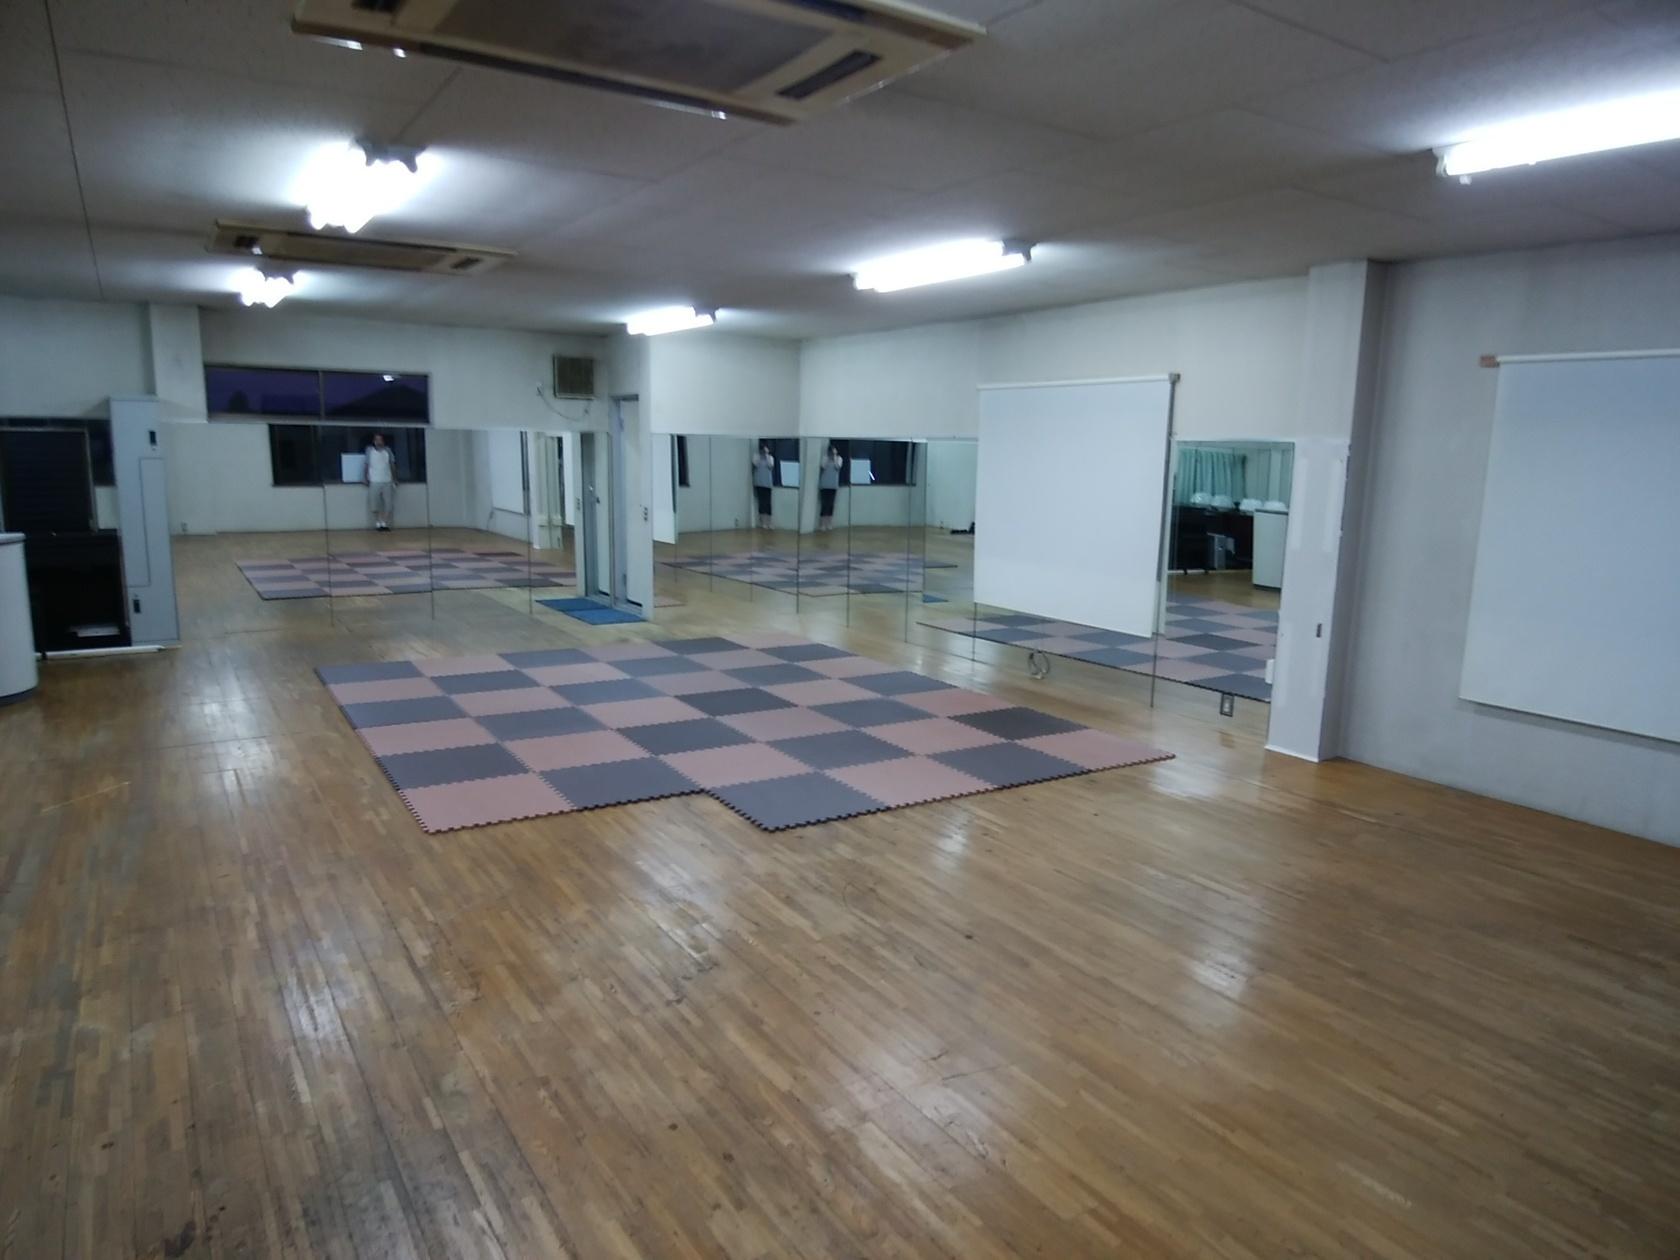 ヨガ・リトミック・ダンス等、各種運動教室やレンタルスペースとしてご利用下さい。(ATMスタジオ) の写真0